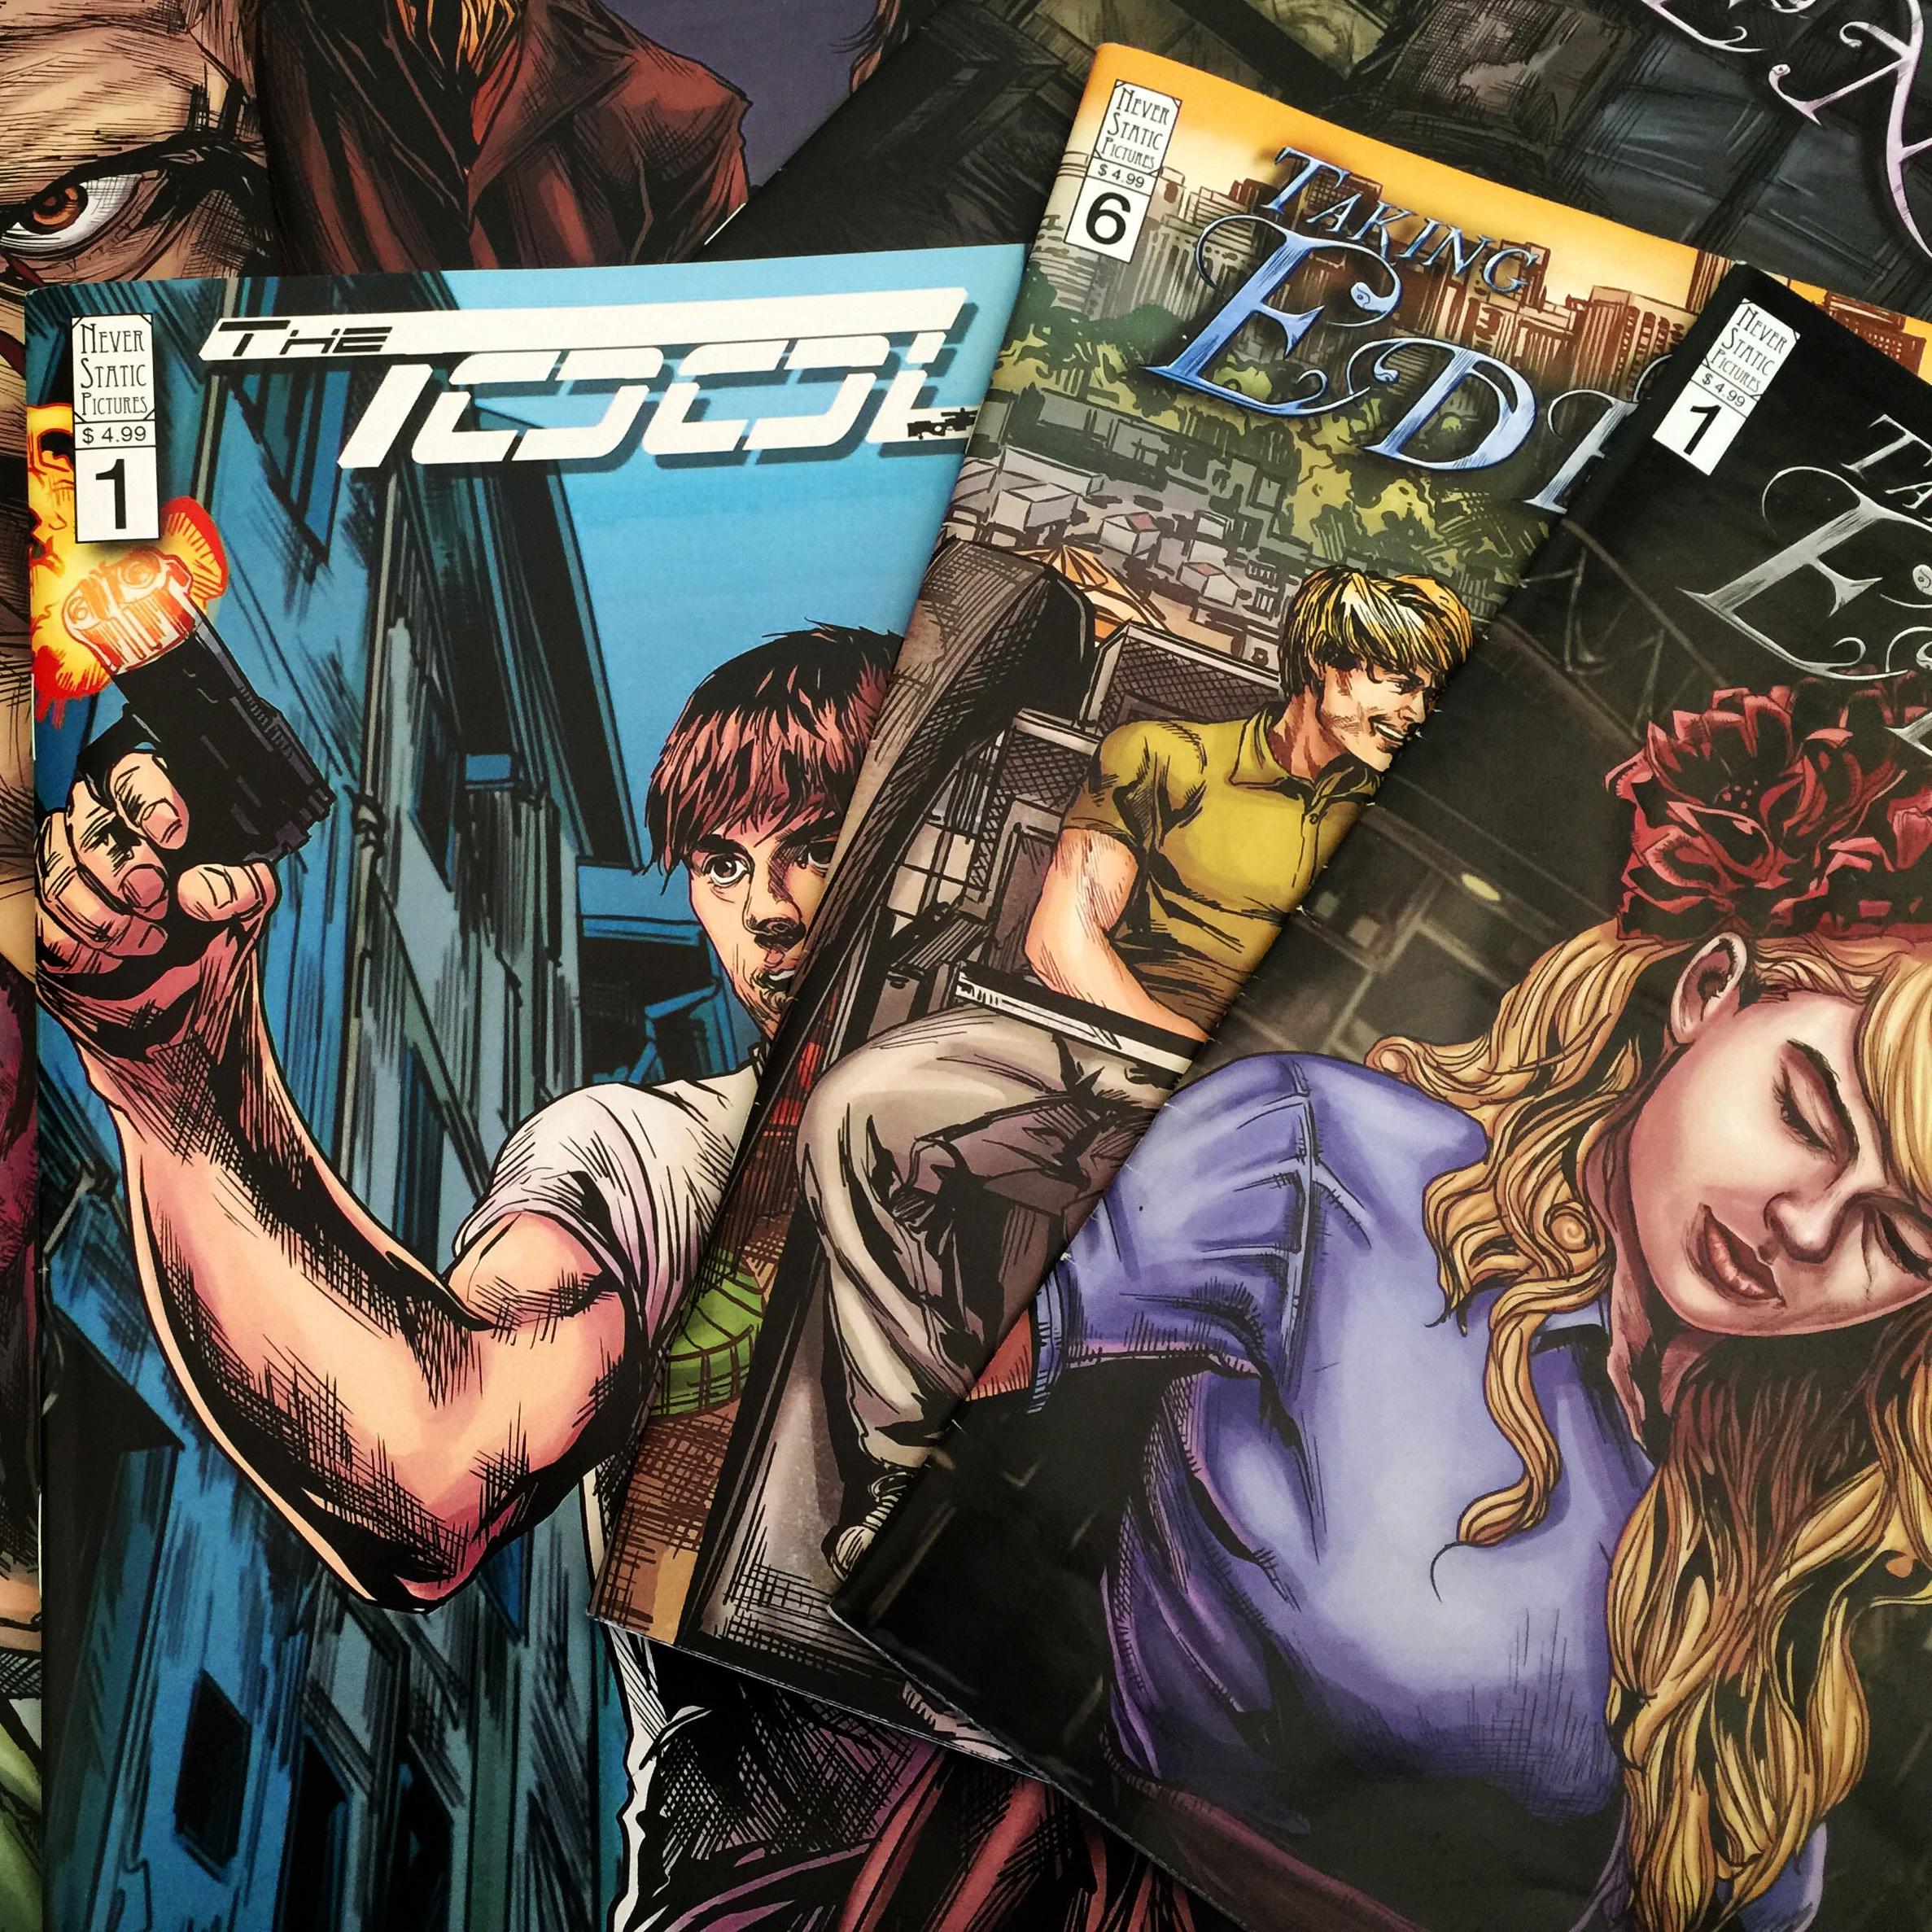 ComicBookHeaderSquare.jpg